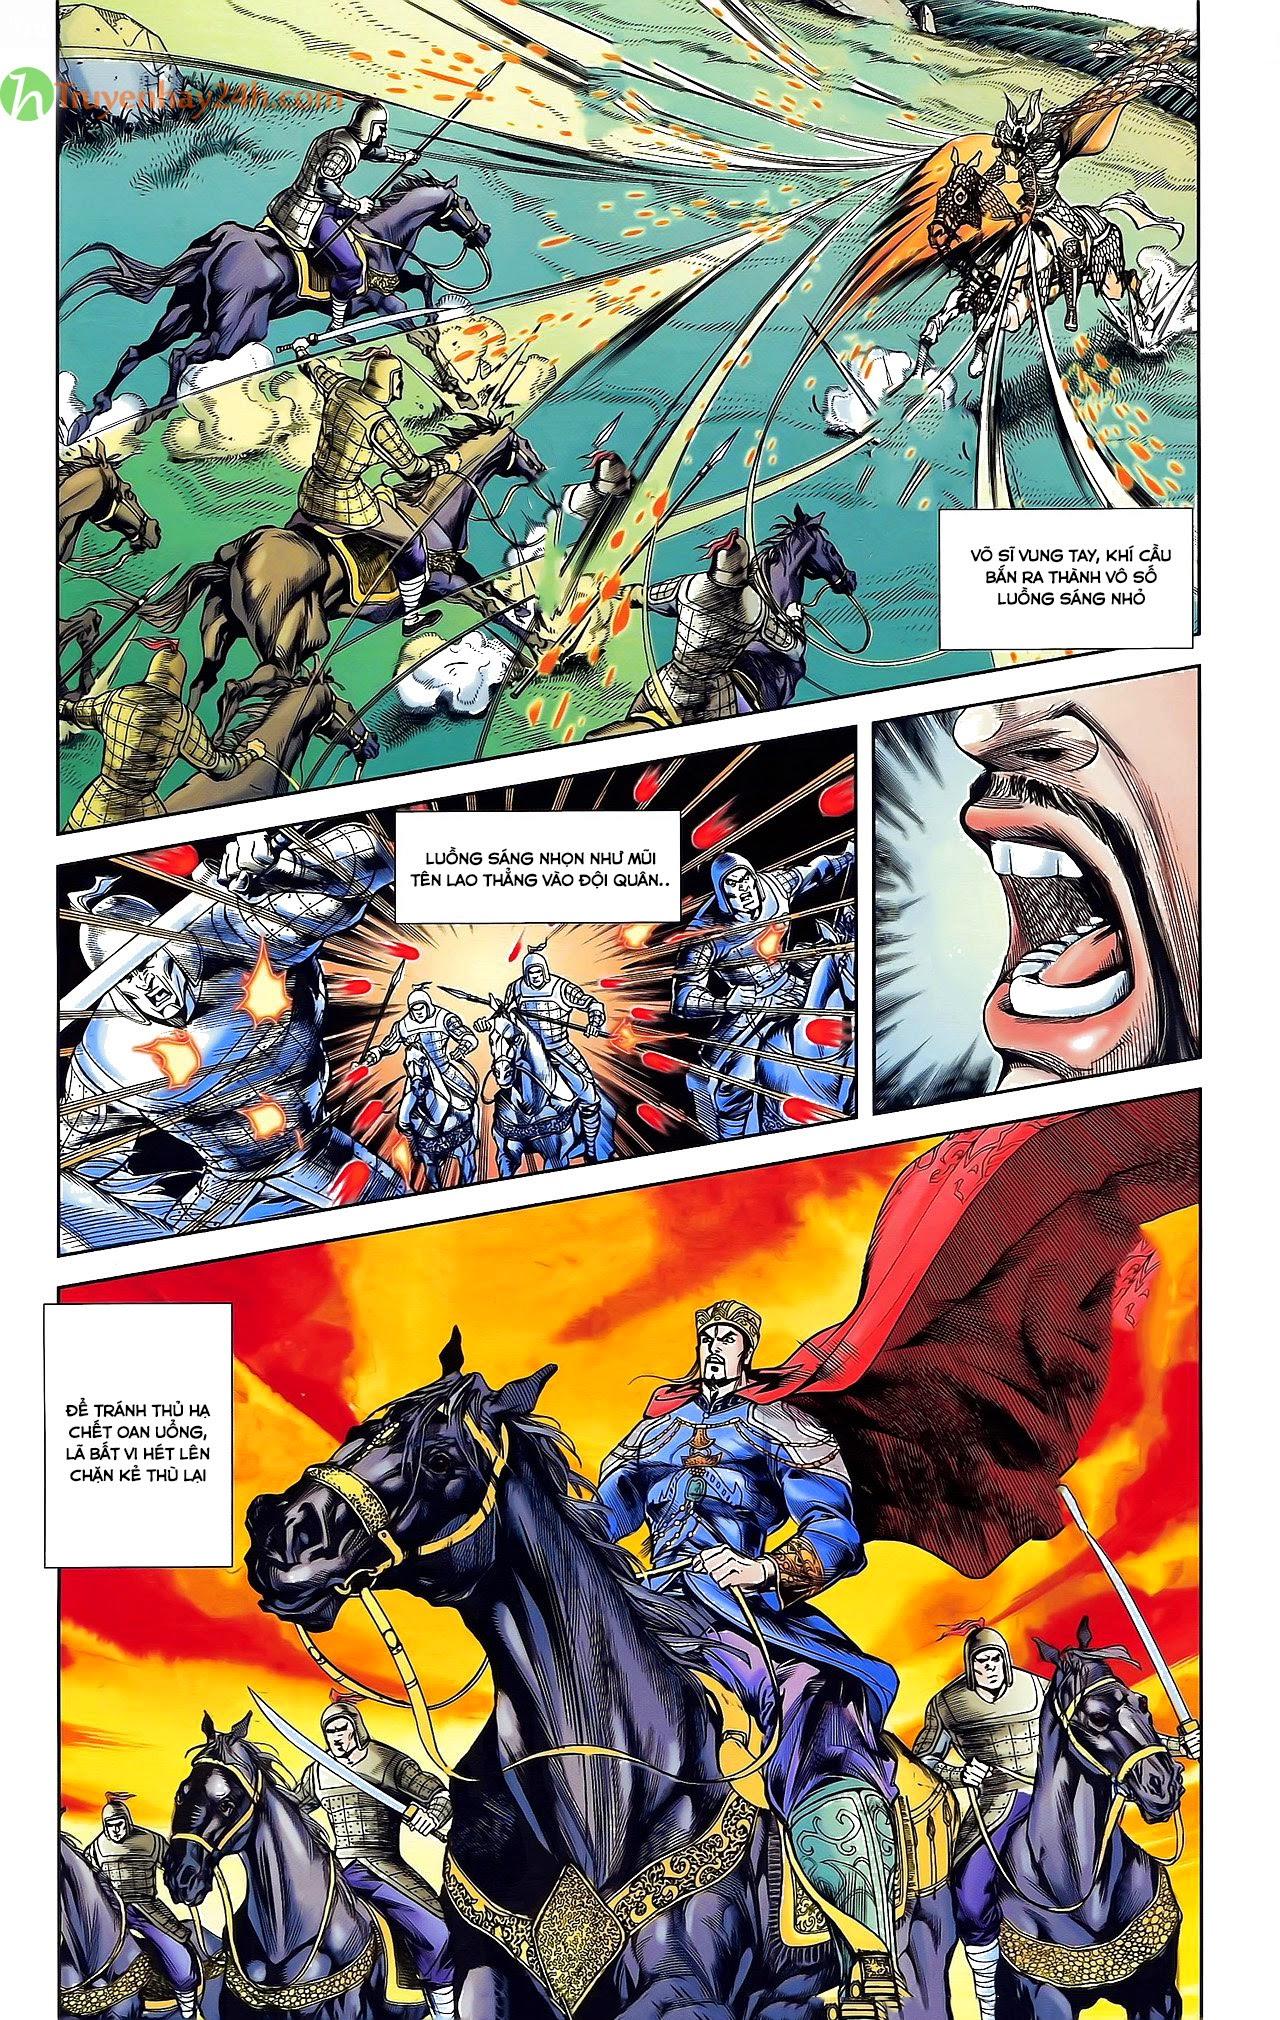 Tần Vương Doanh Chính chapter 31 trang 4